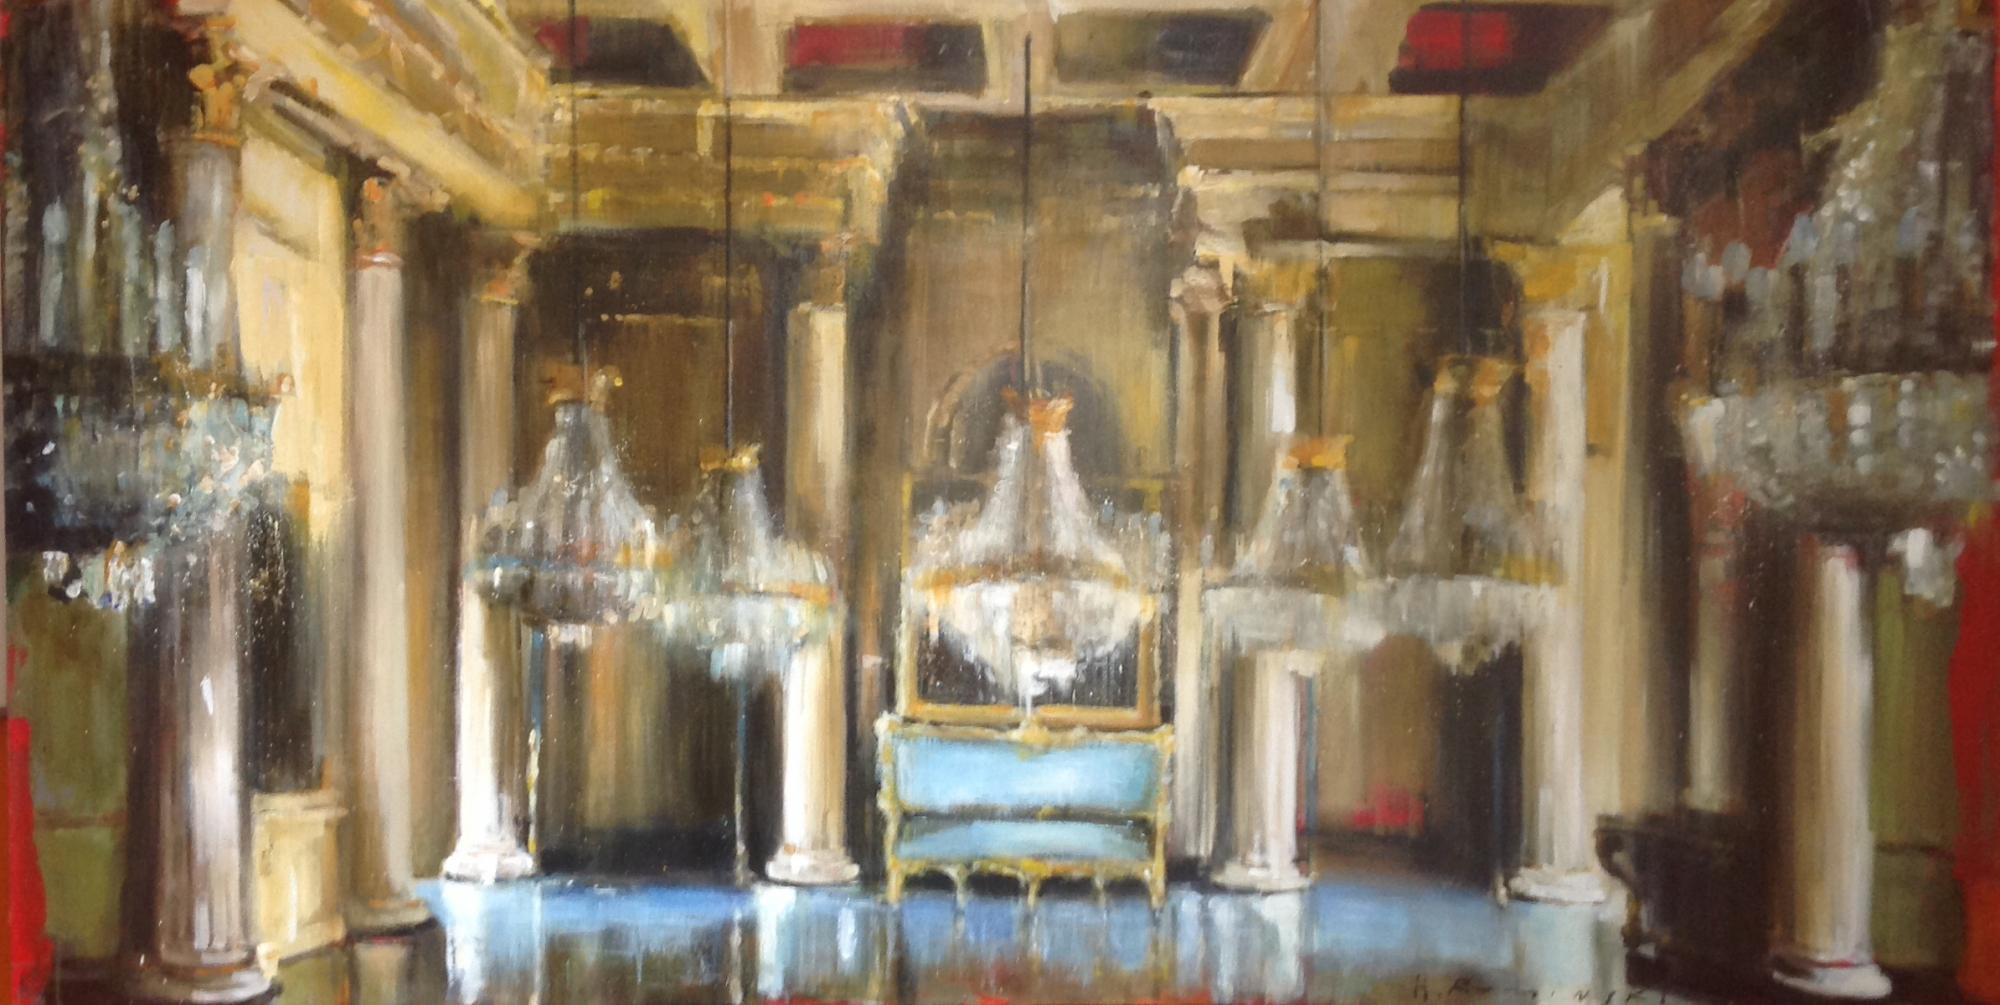 Palazzo Reale Ballroom  by Hanna Ruminski